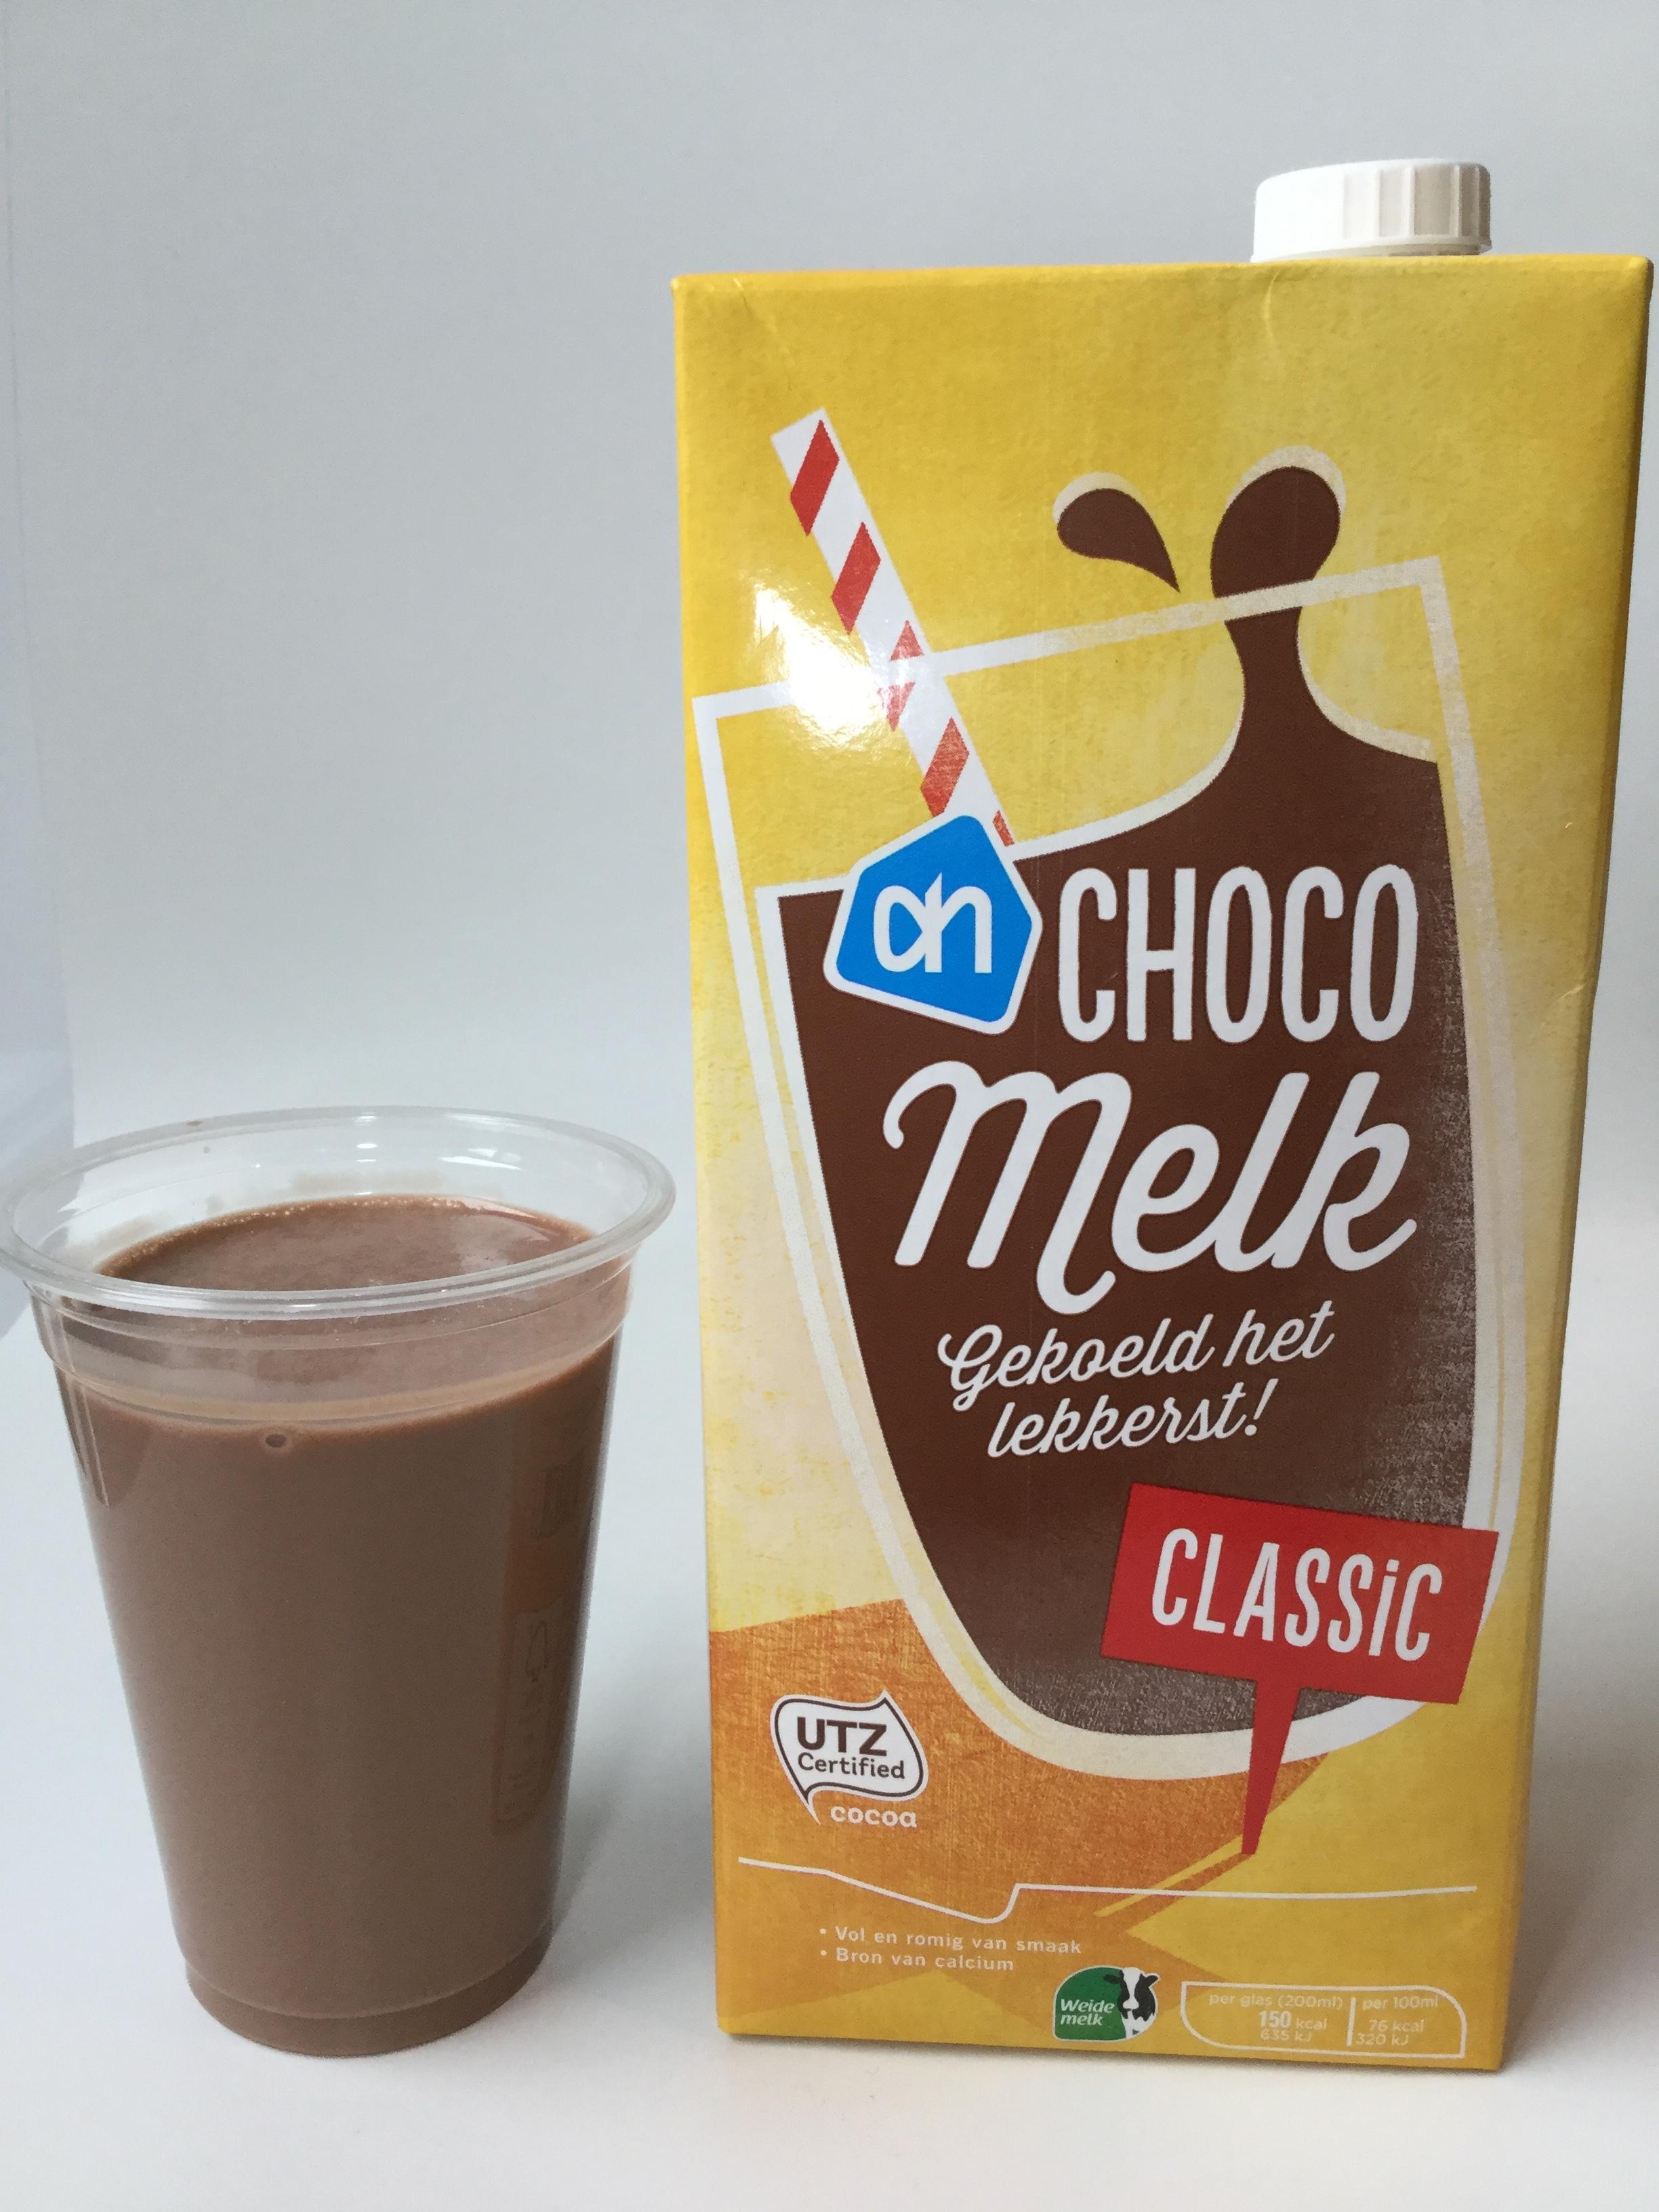 Albert Heijn Classic Choco Melk Cup